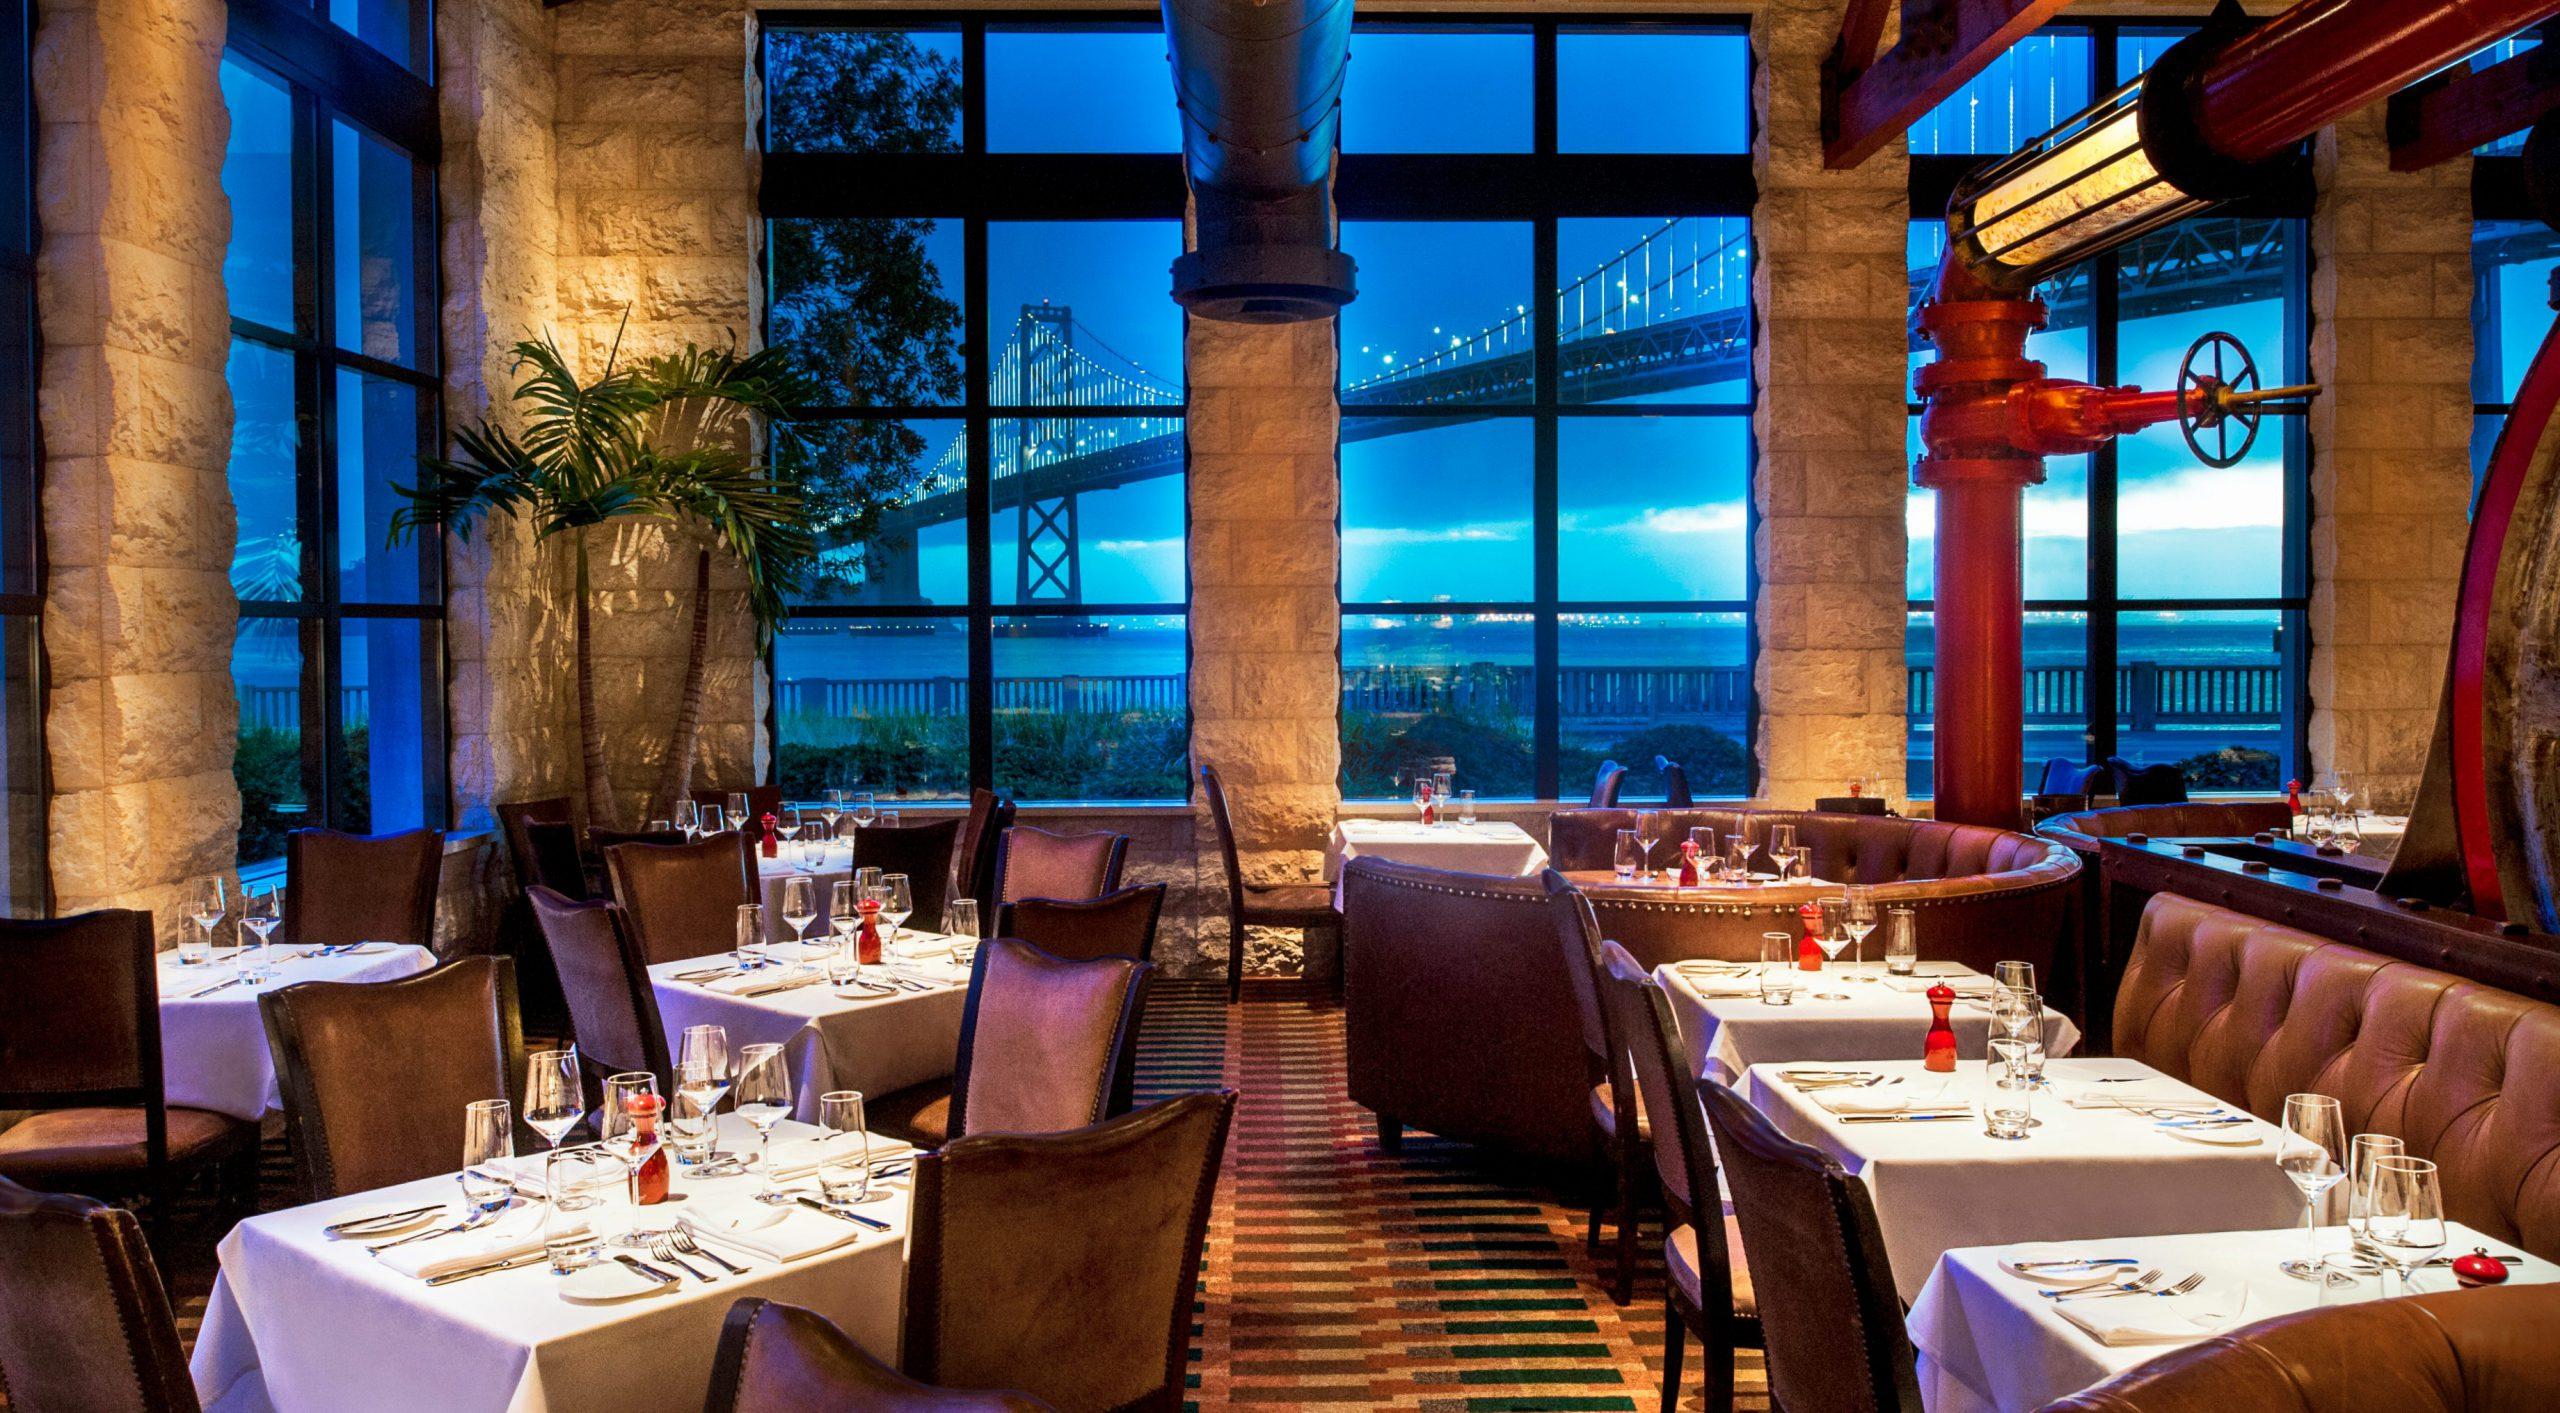 Restaurant with Bay Bridge in Background